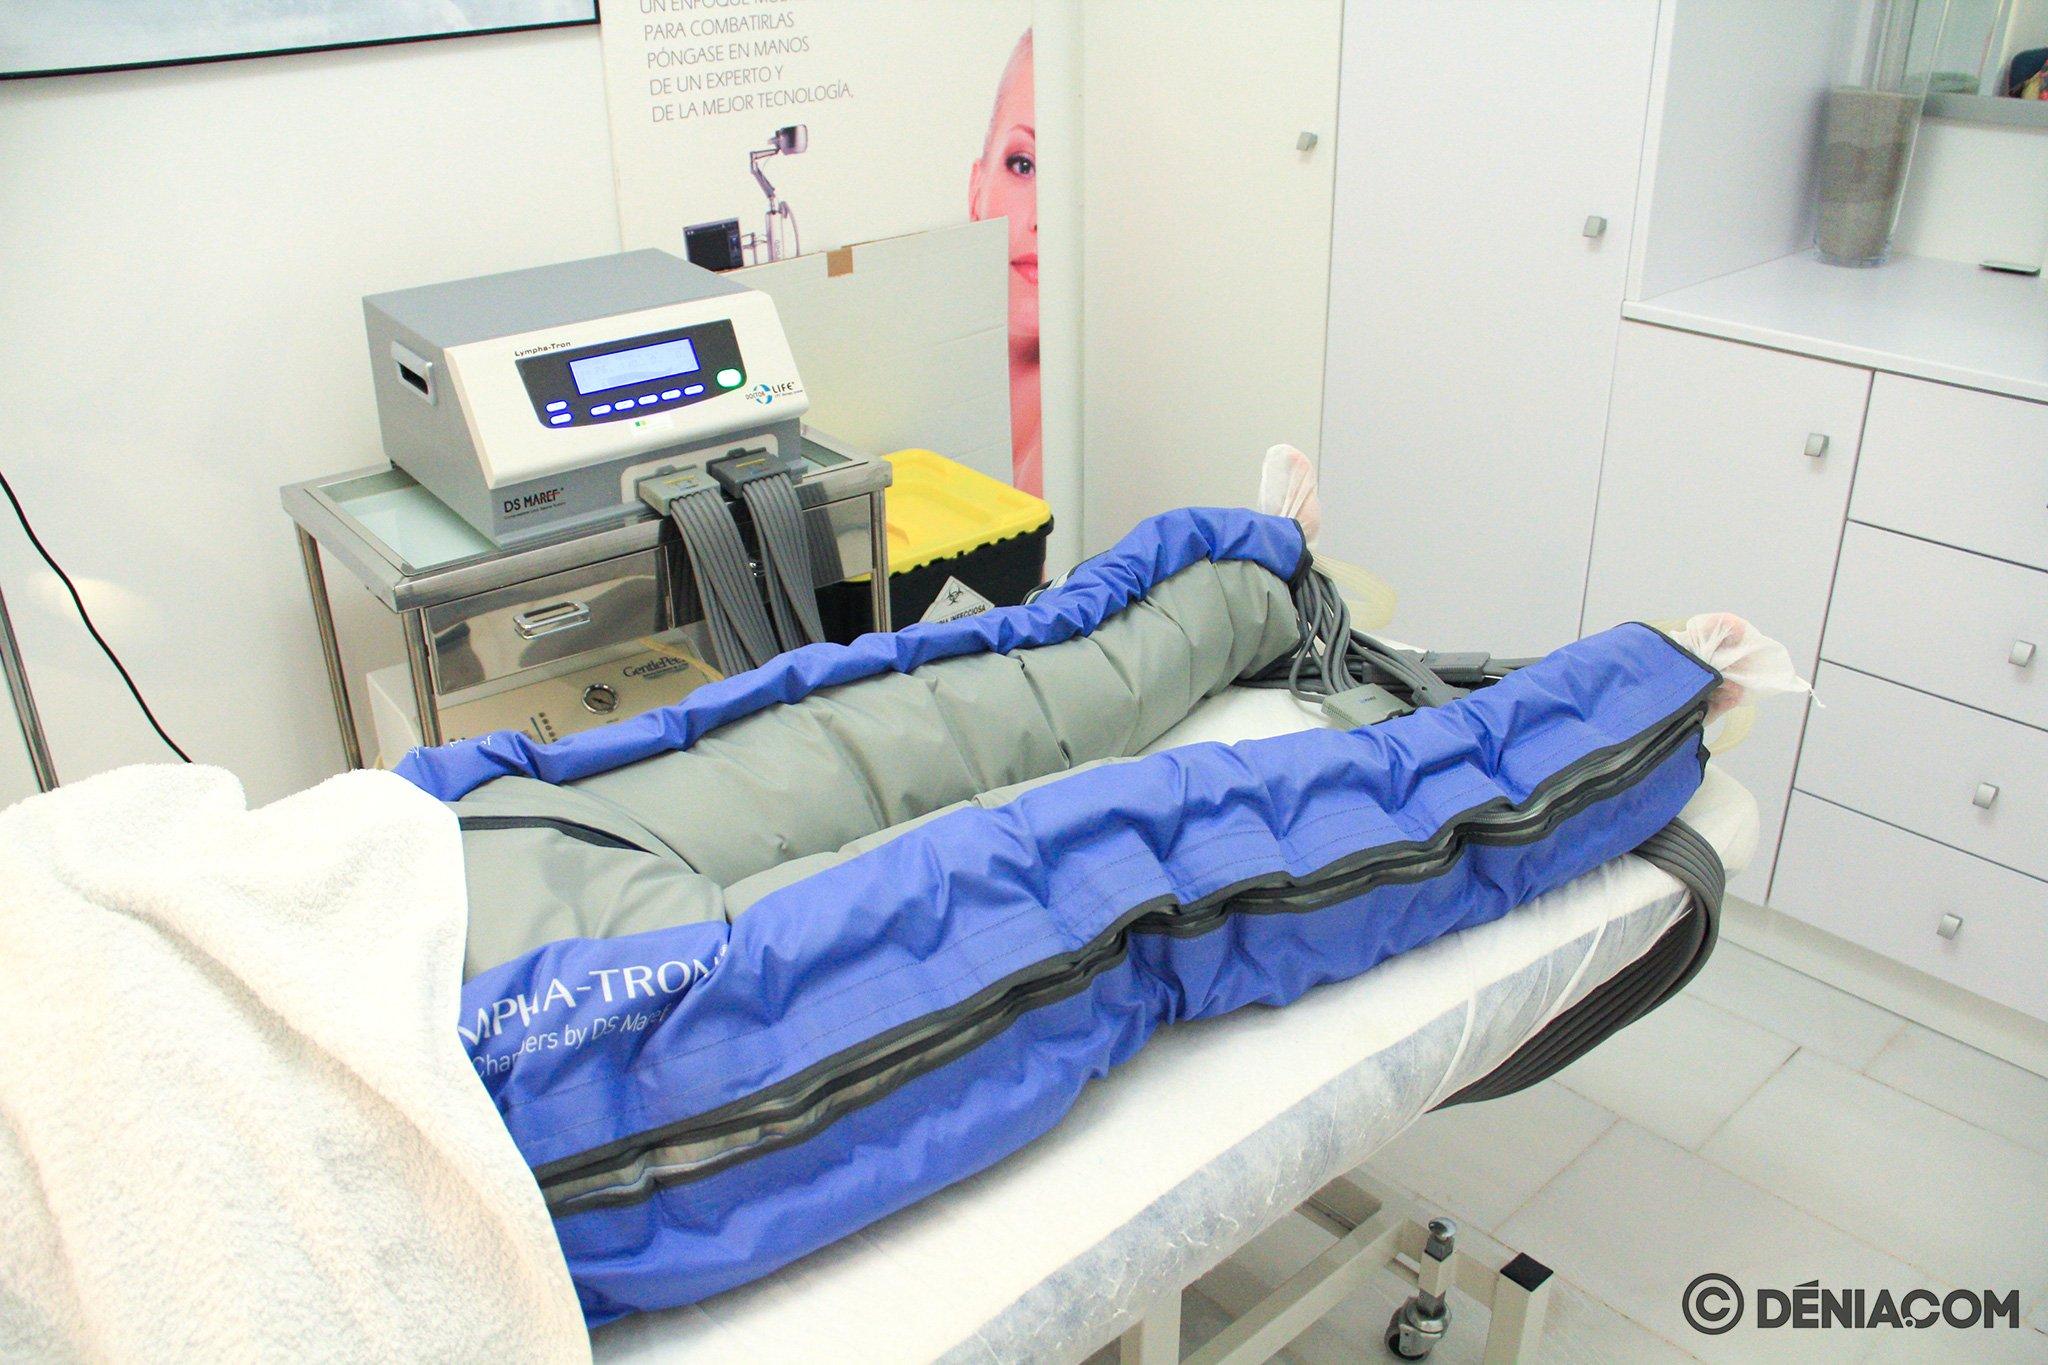 Прессотерапия в Дении - Clínica Doctora Castelblanque